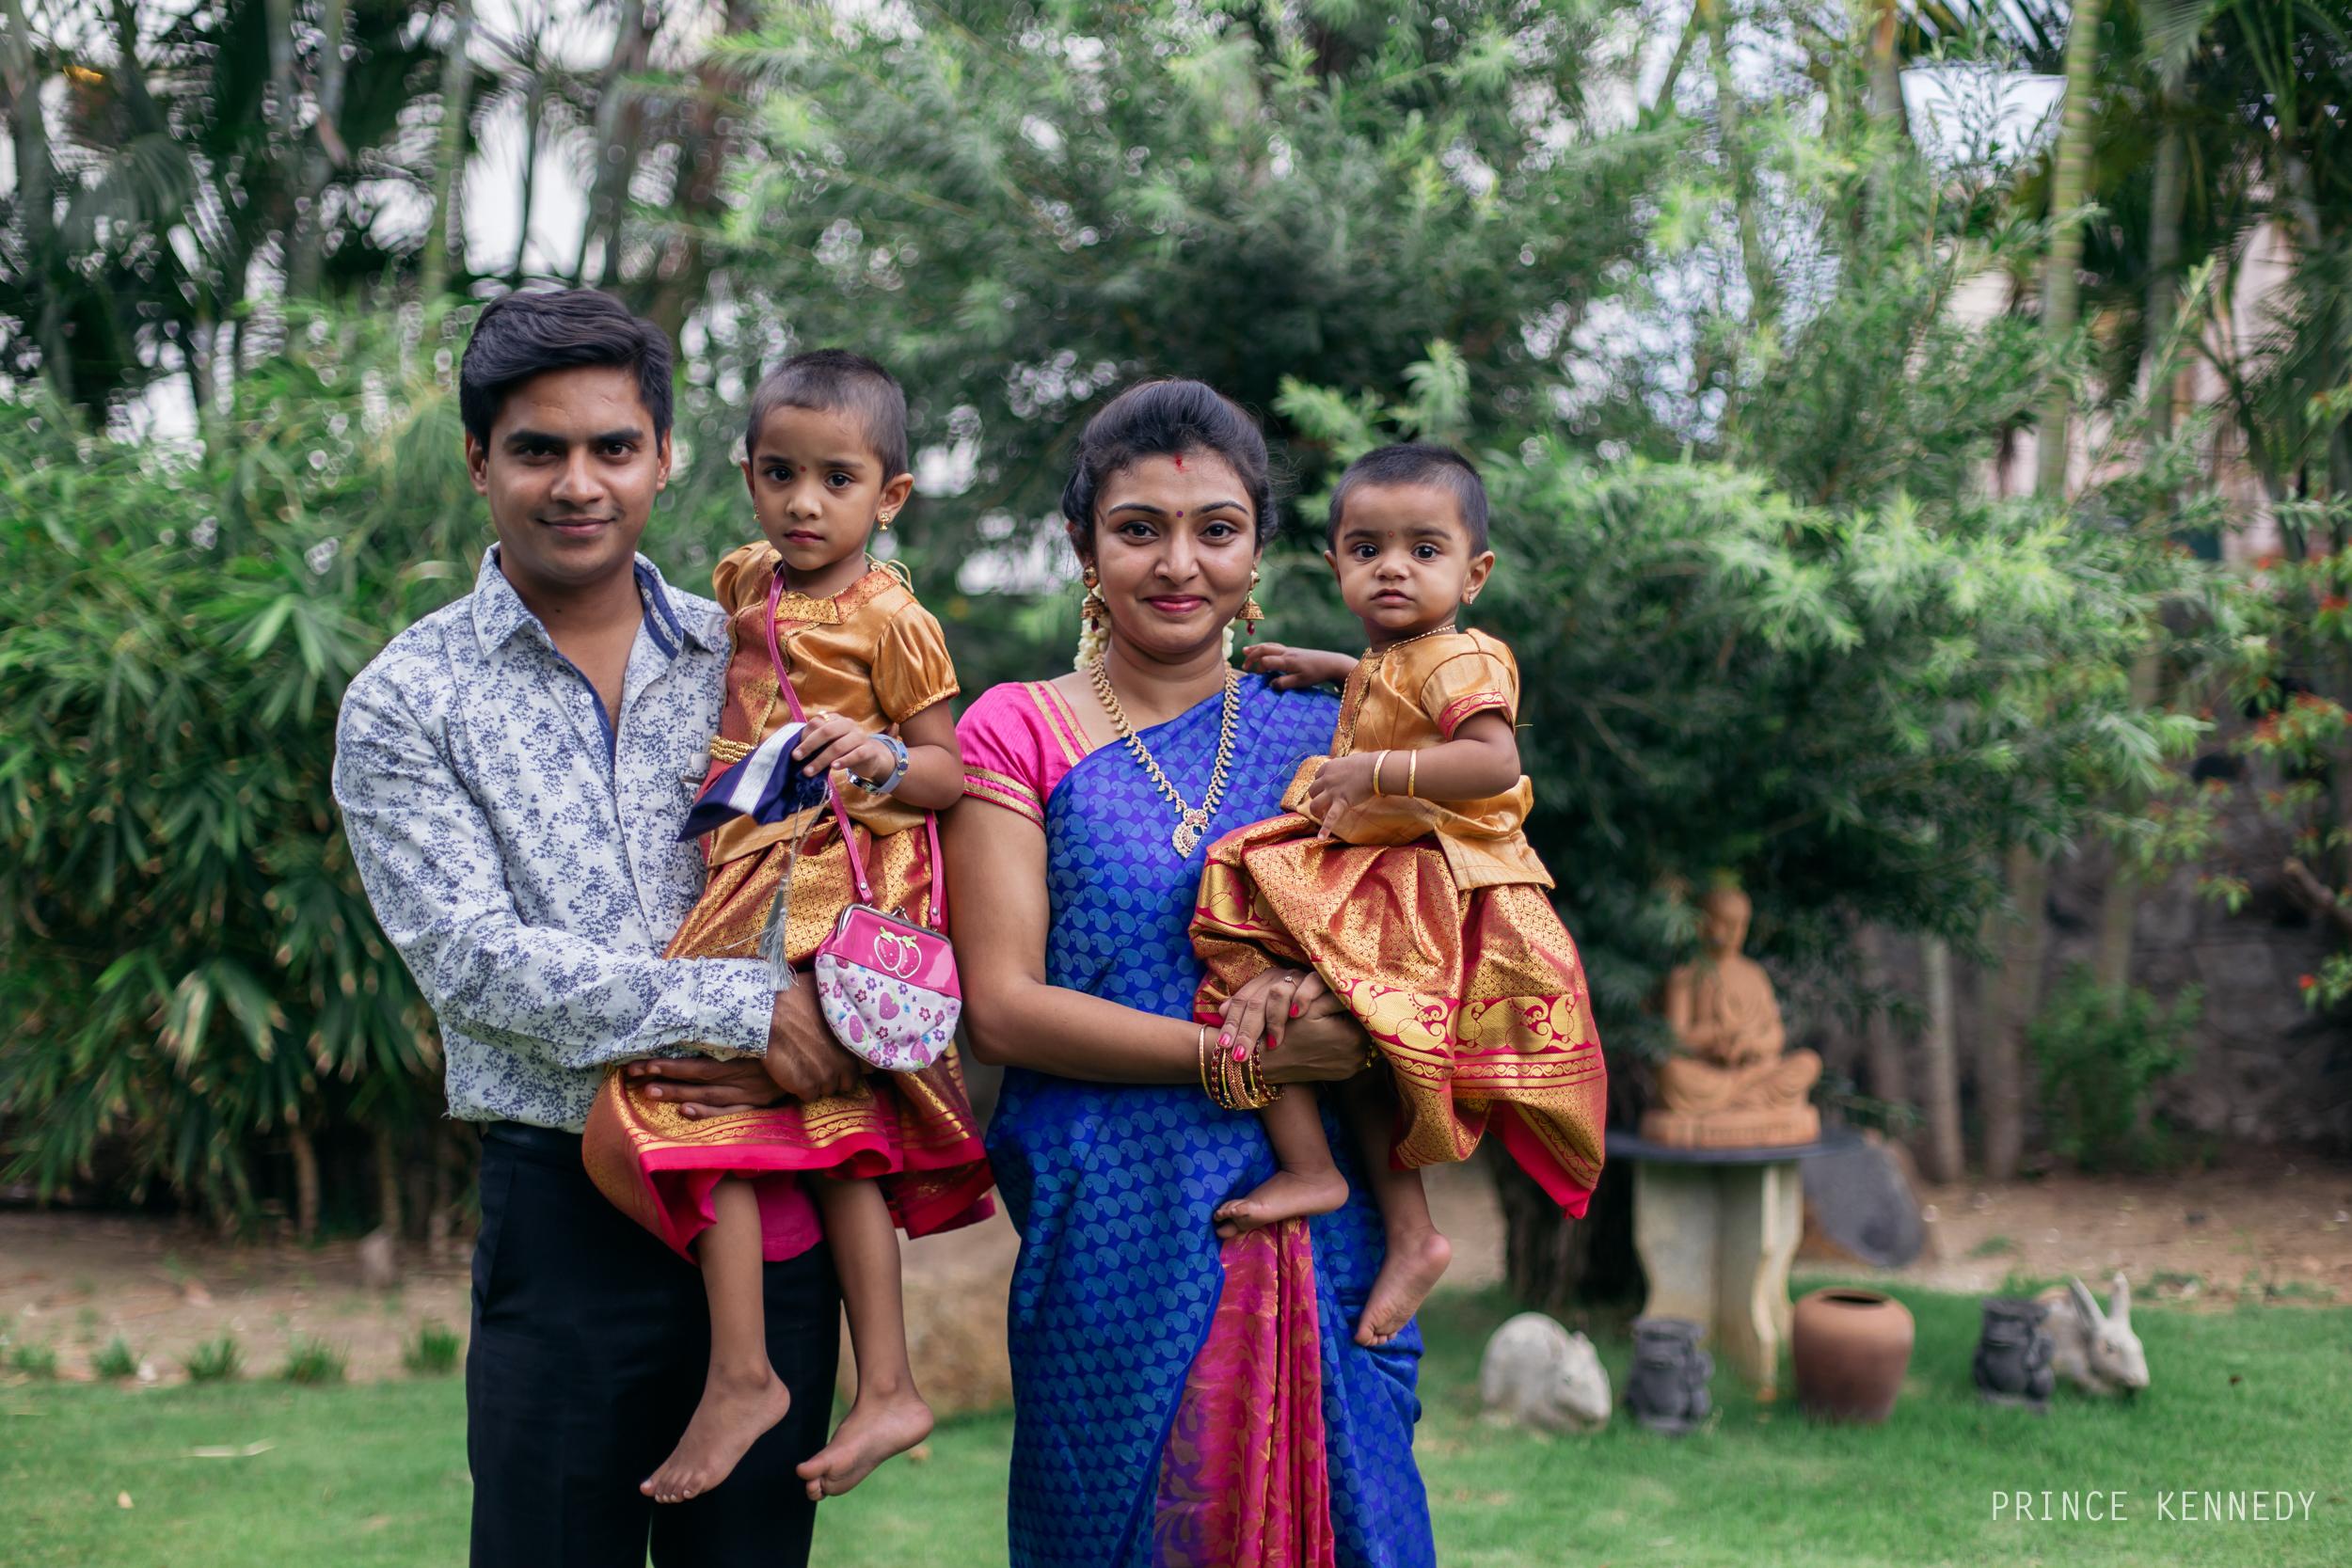 Engagement-Couple-Portrait-Portraiture-Wedding-Couple-Portrait-Chennai-Photographer-Candid-Photography-Destination-Best-Prince-Kennedy-Photography-123.jpg